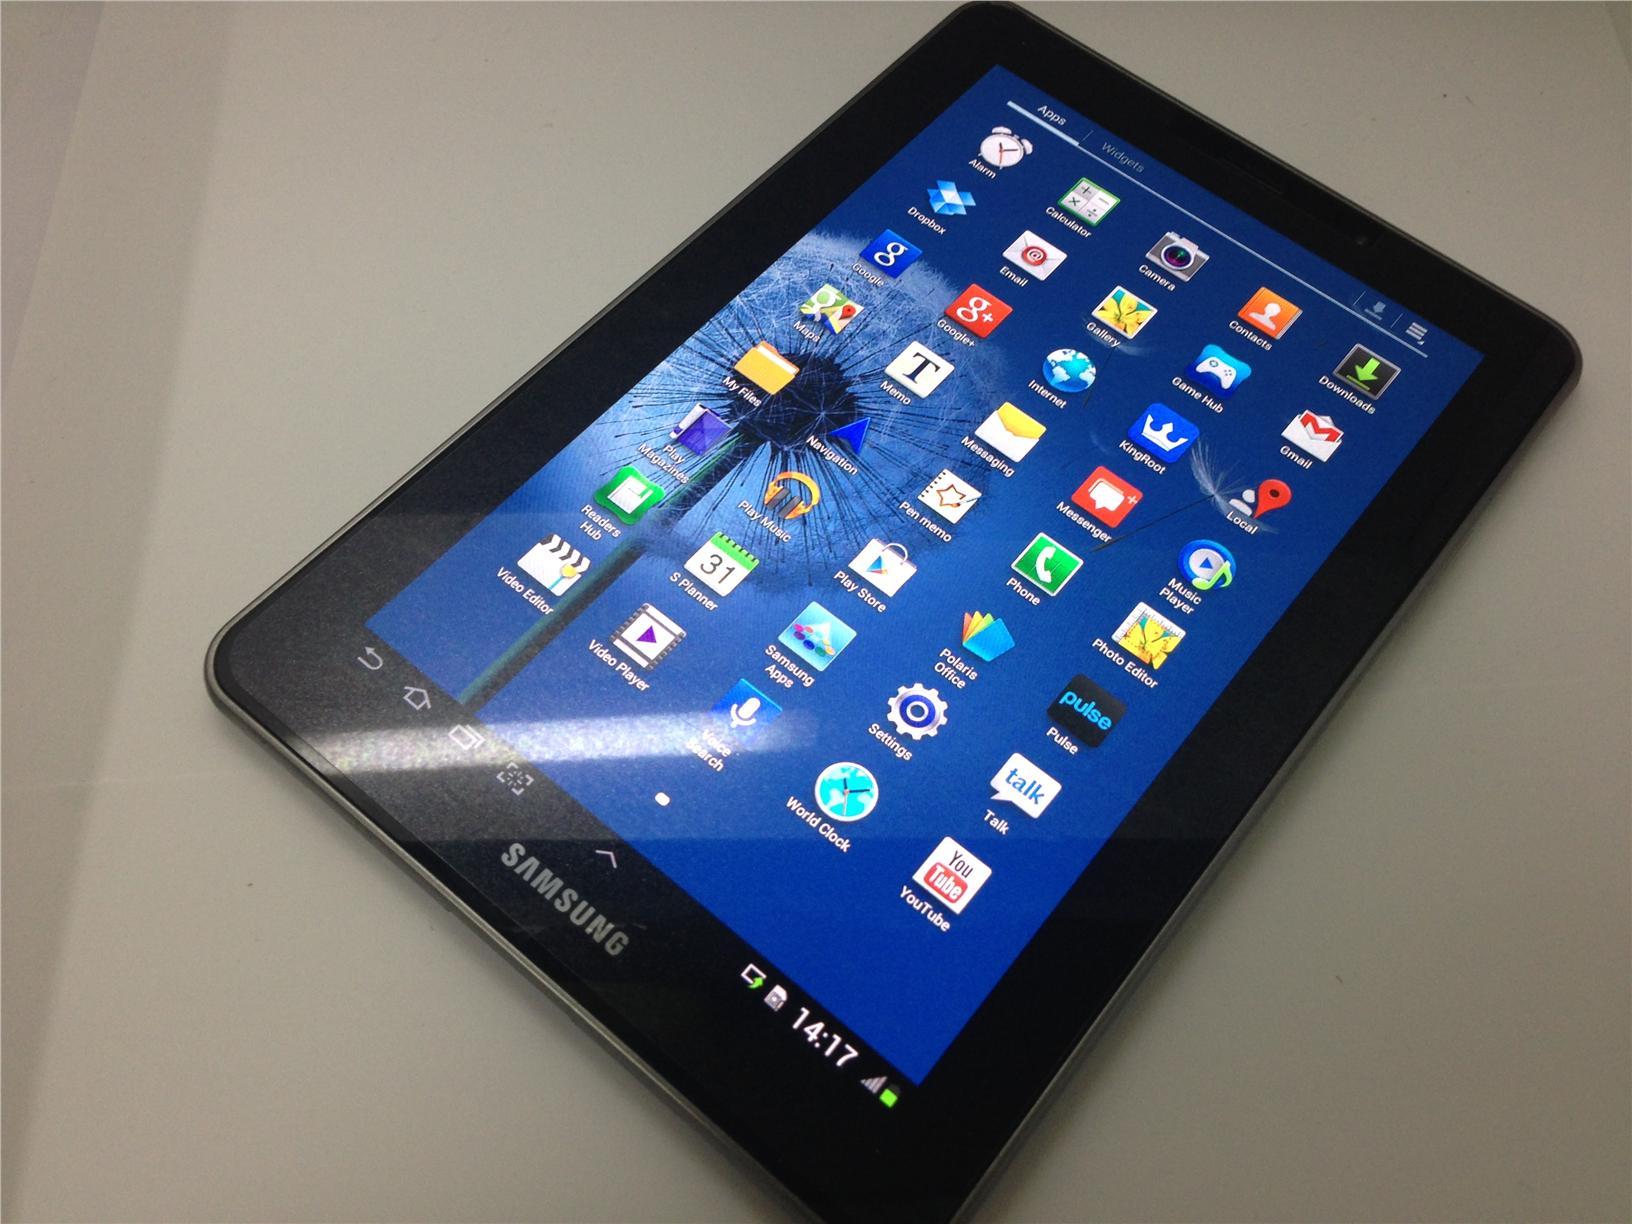 Samsung Galaxy Tab 7.7 GT-P6800 GSM+Wifi+16Gb Storage FREE SHIPPING. ‹ ›